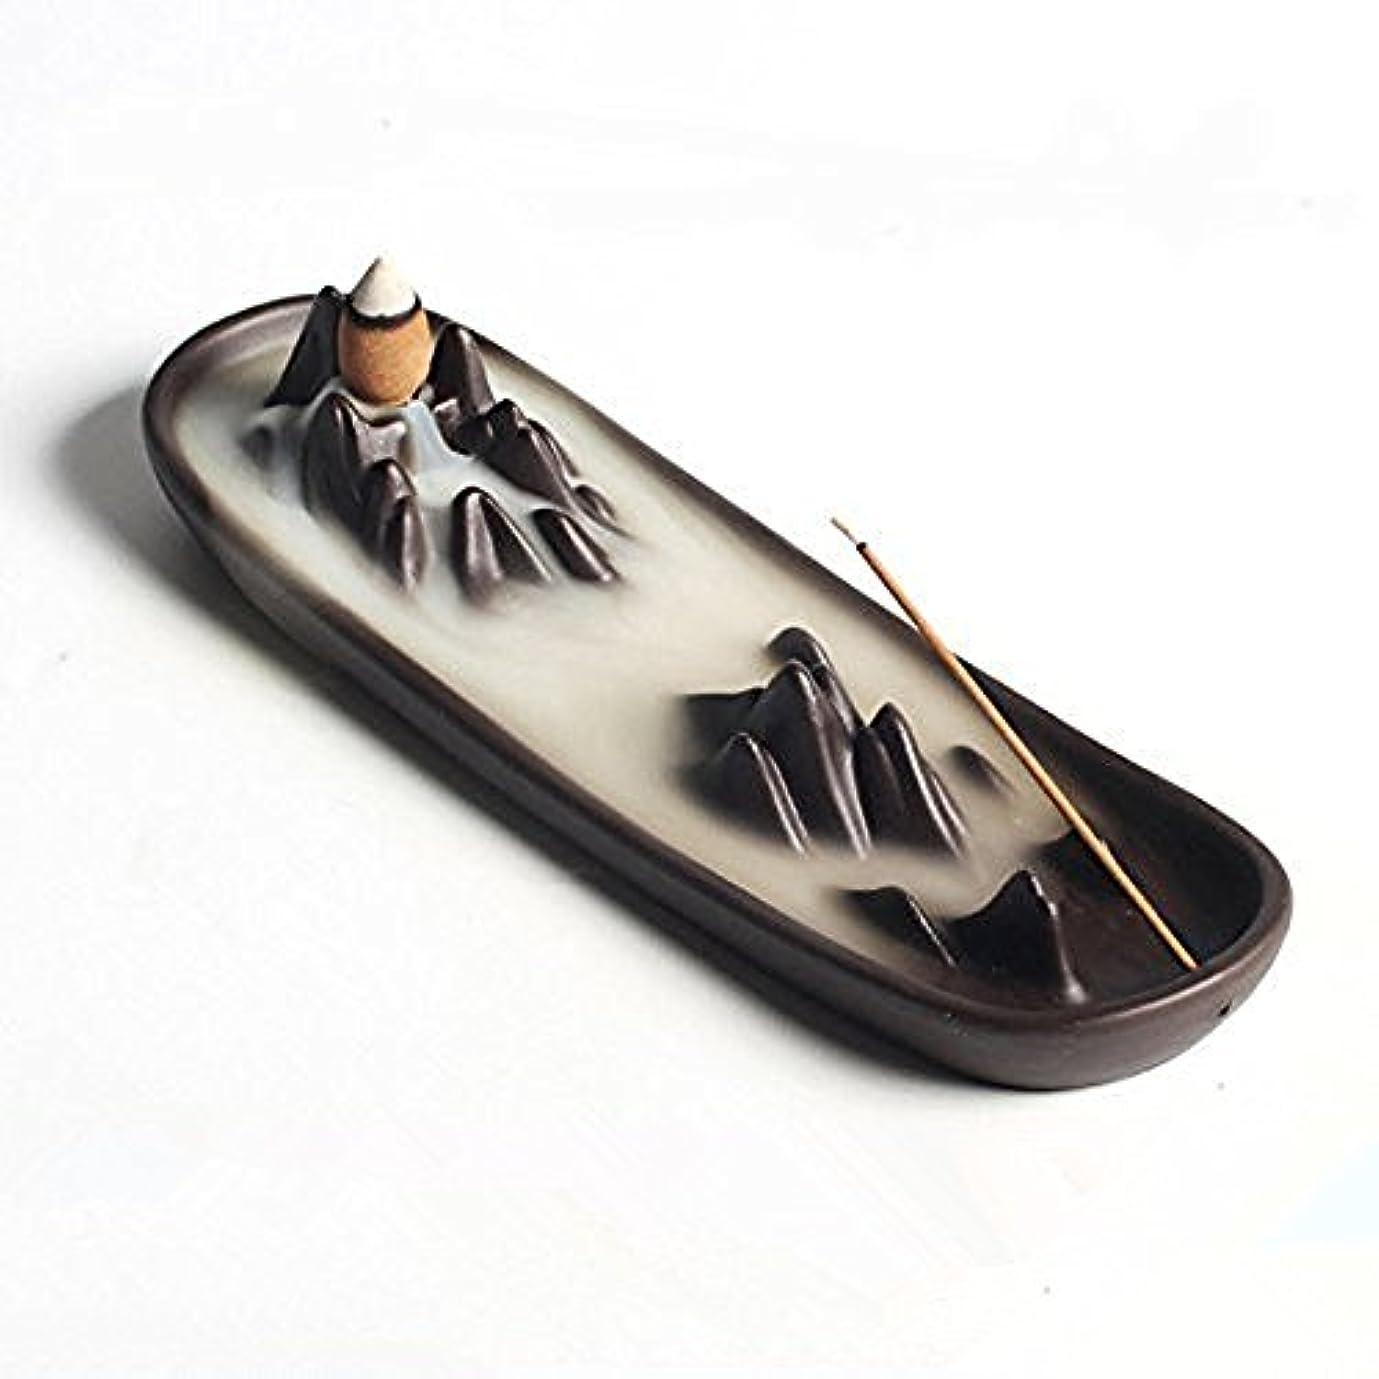 ブランク柔らかい足入手しますCeramic mountain peak Boat Style Multifunction Incense Burner Stick Backflow Incense Holder Clay Incense Ash Catcher...